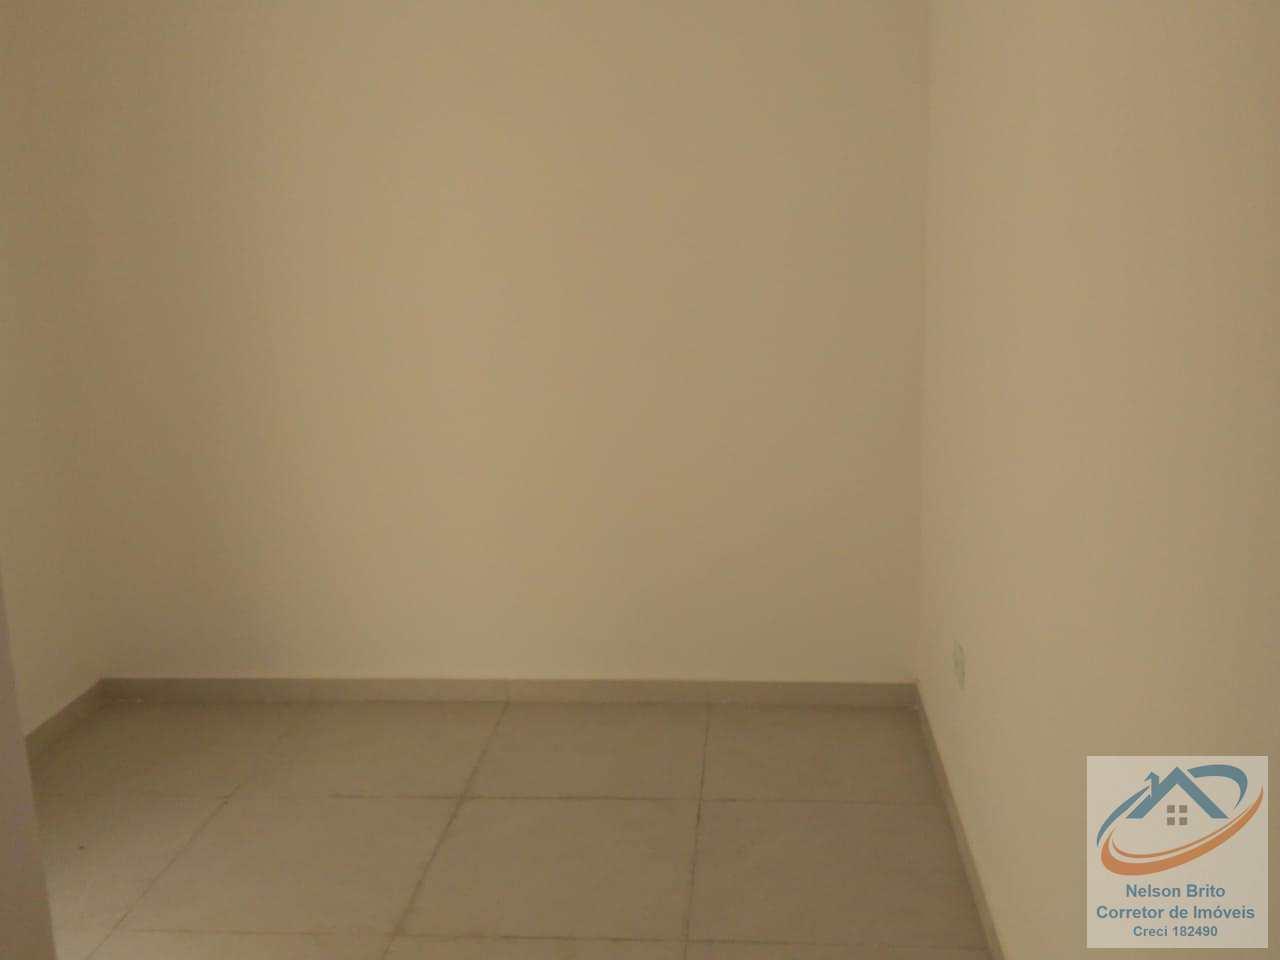 Apartamento 2 dorms sem condominio 58m2  Vila Príncipe de Gales